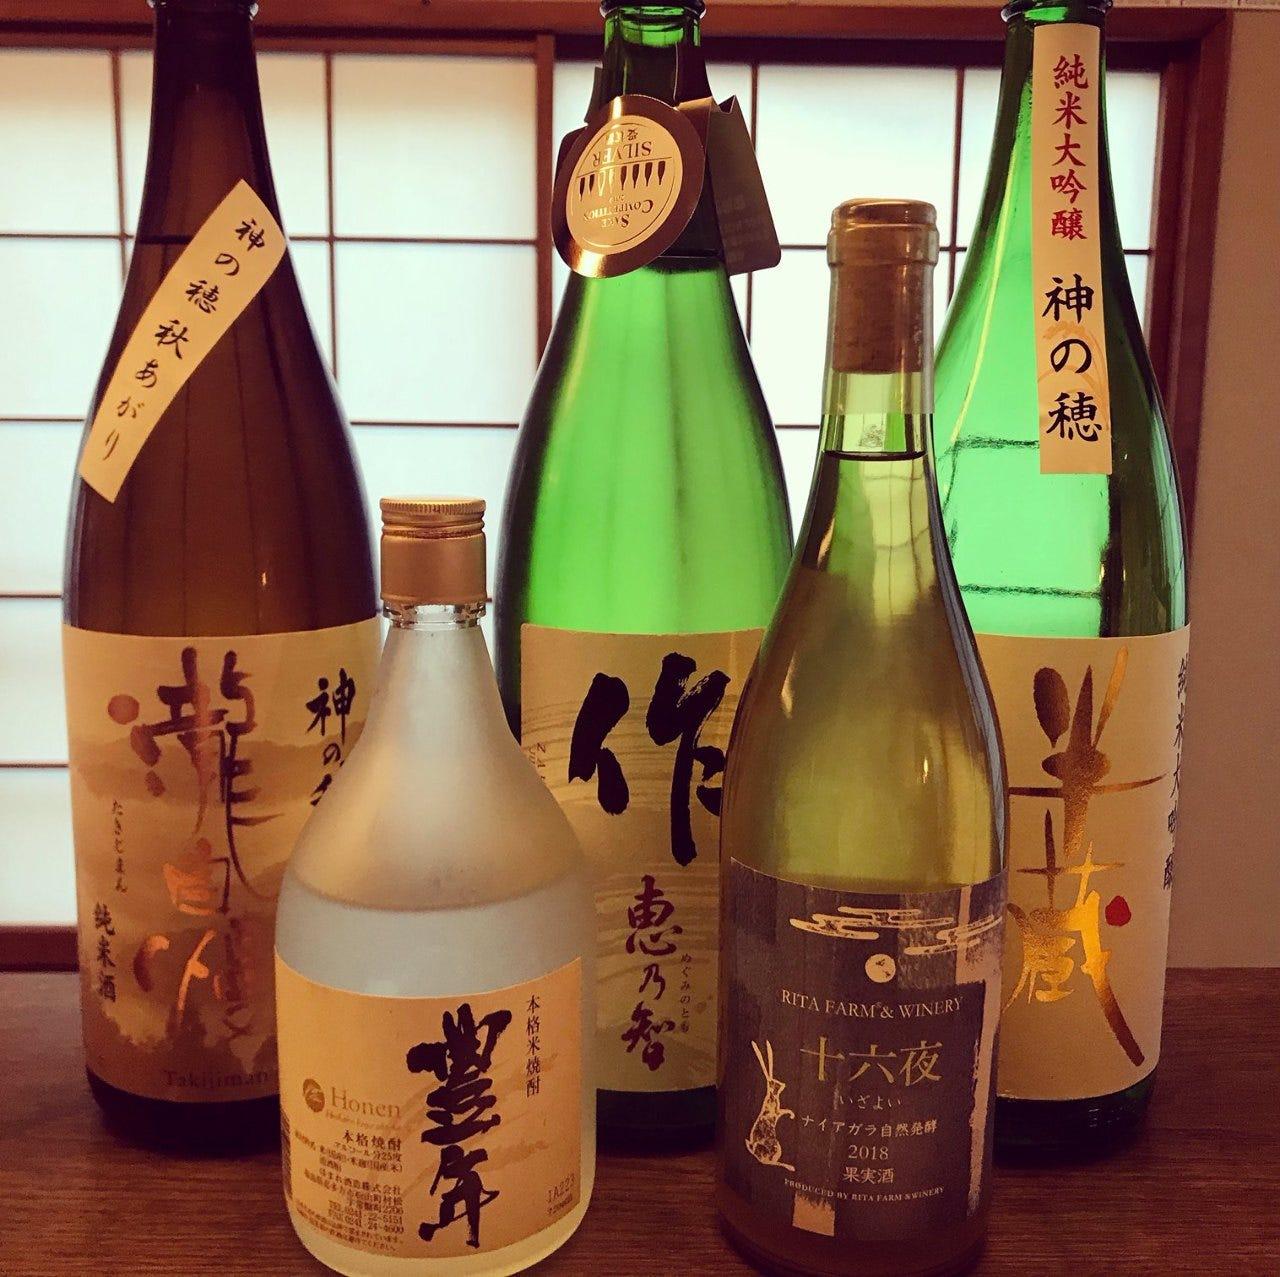 日本酒・日本ワインほかご当地ものも